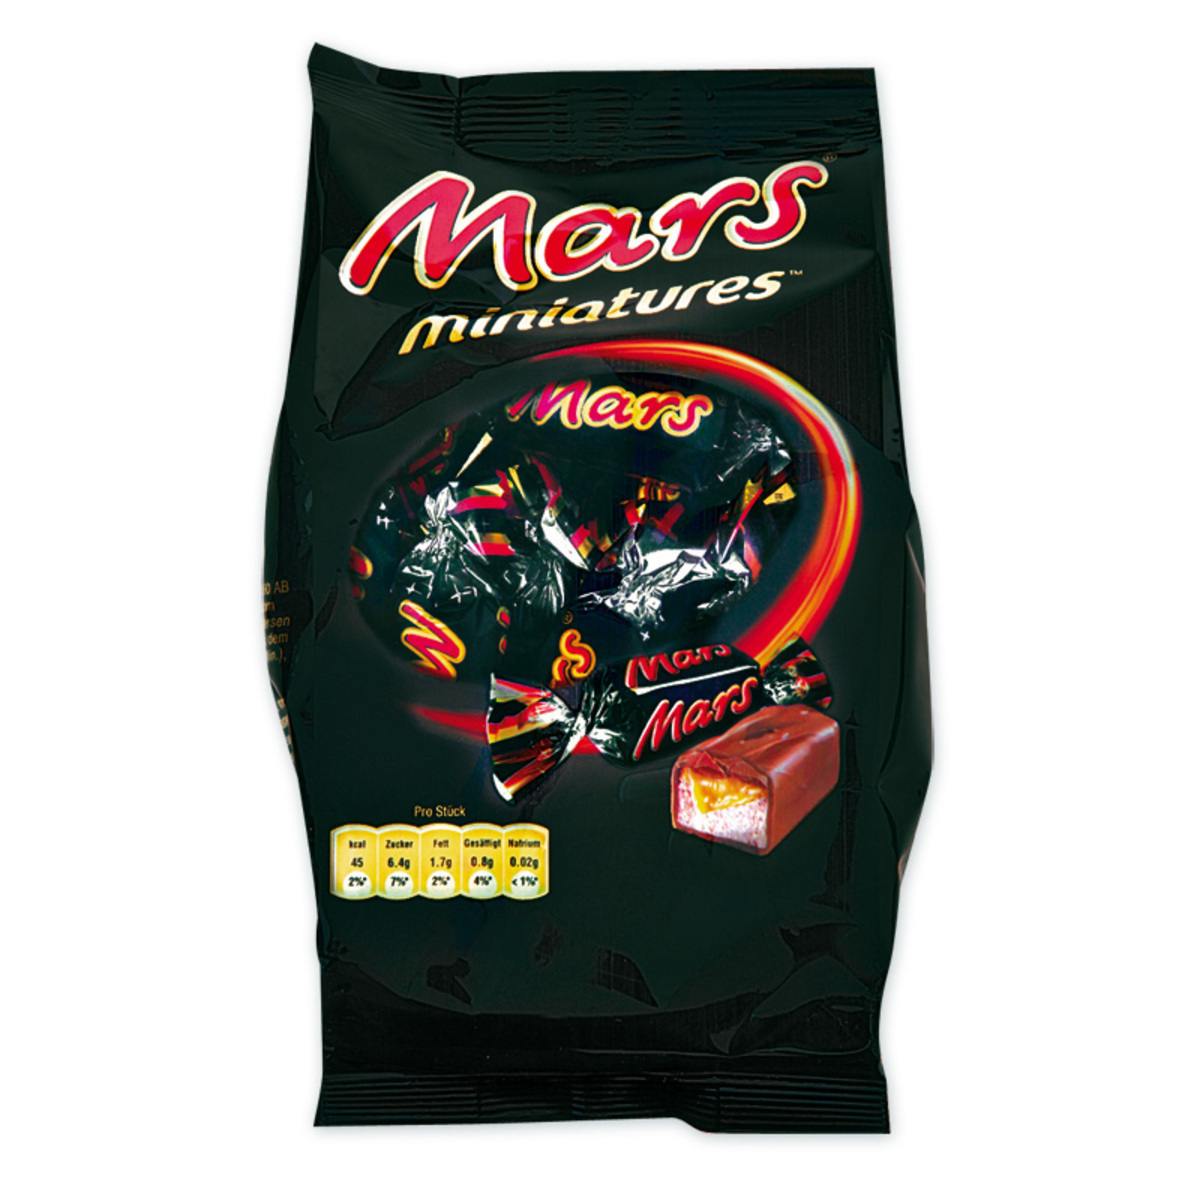 Bild 2 von Bounty/Twix/Mars/Snickers Miniatures